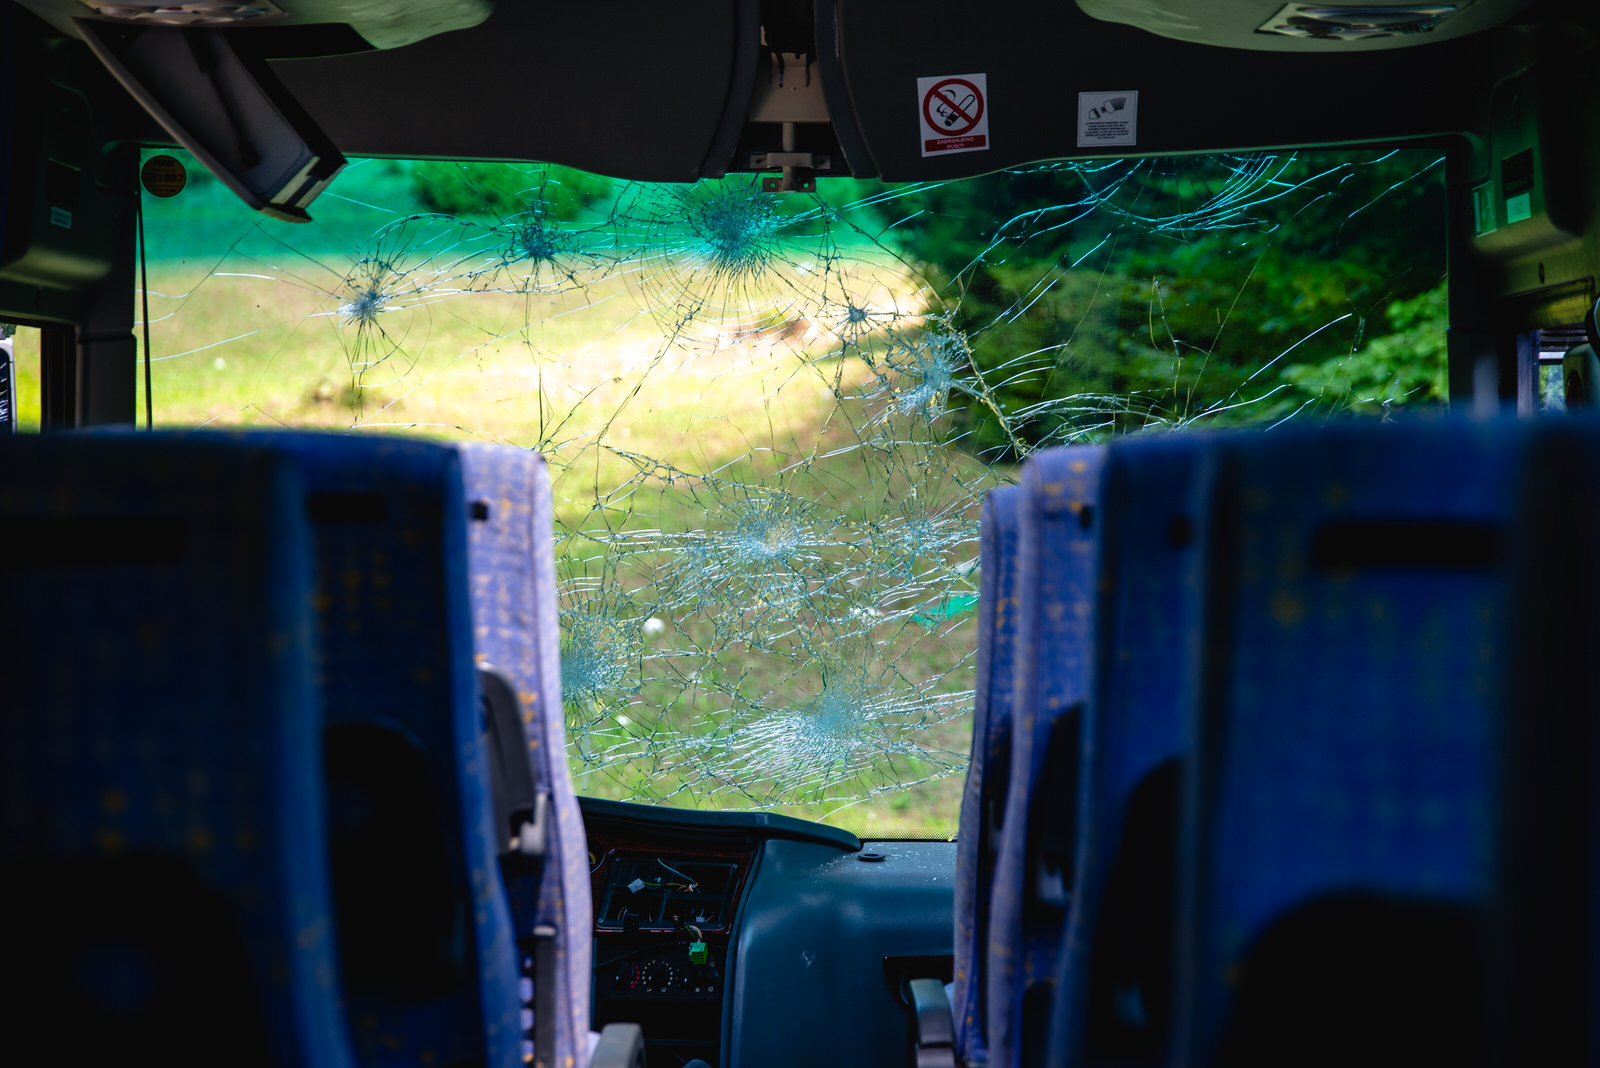 likaclub_autobusi plitvička jezera u mukinjama_11_8_2020 (13)